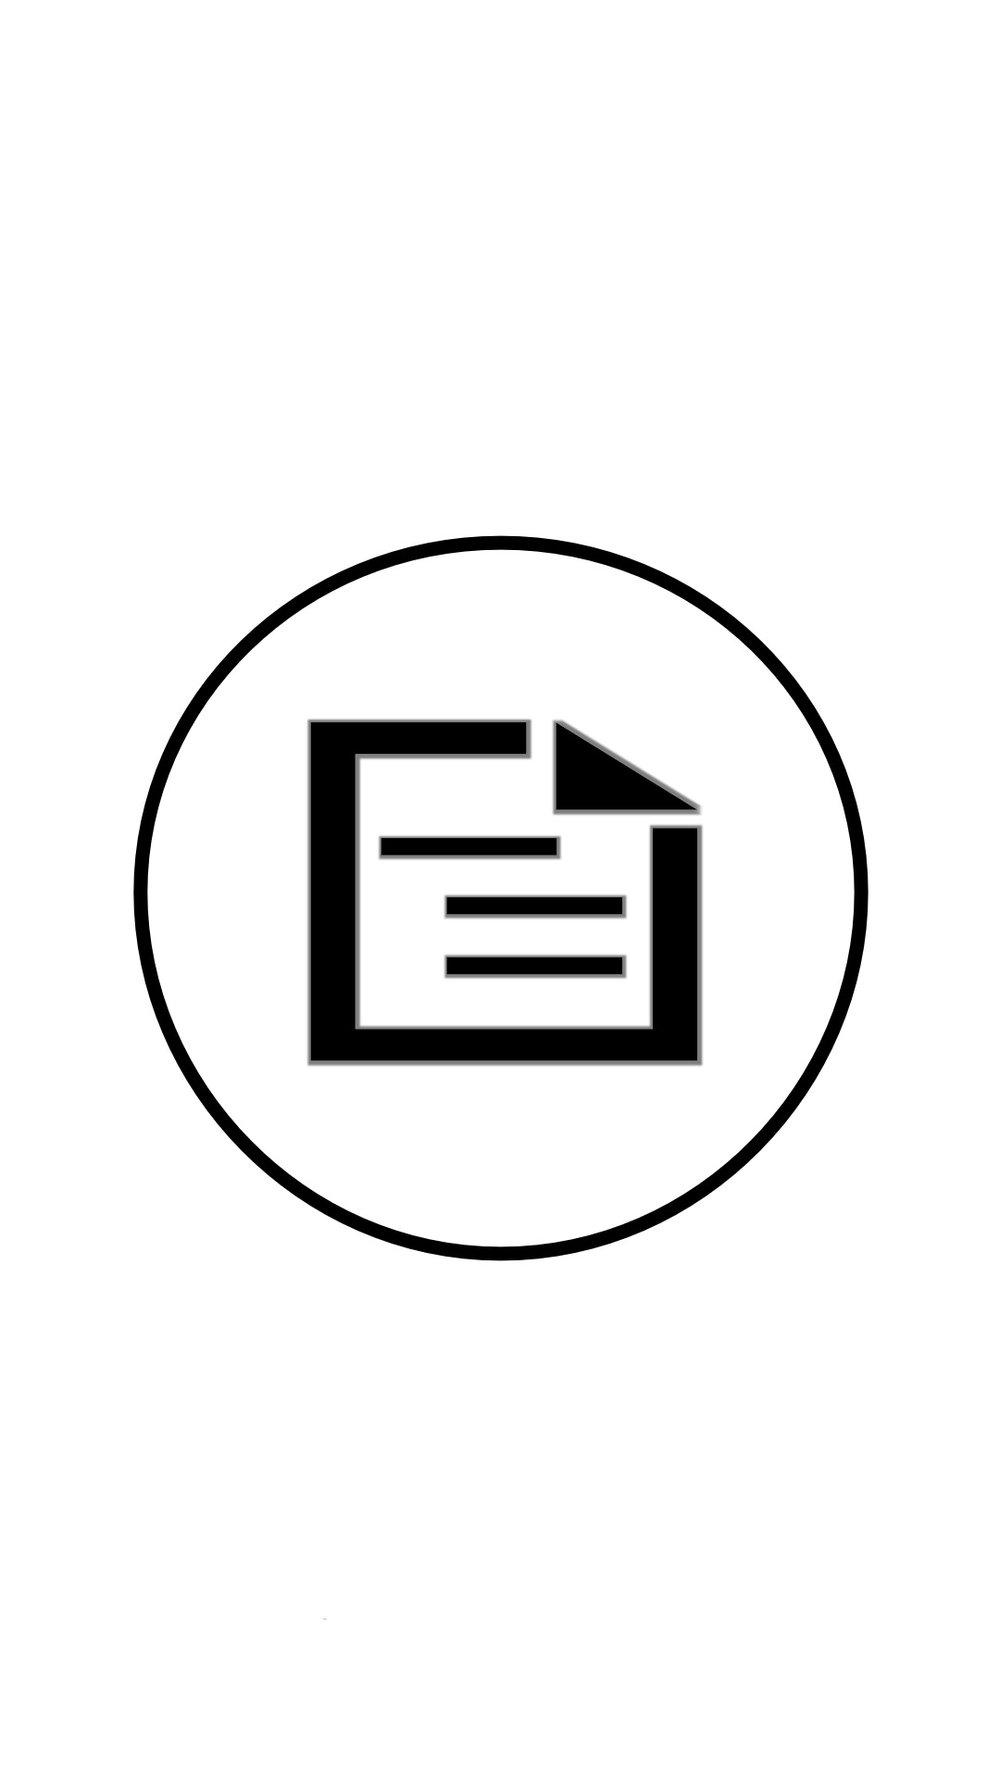 Instagram-cover-blogentry-blackwhite-lotnotes.com.jpg